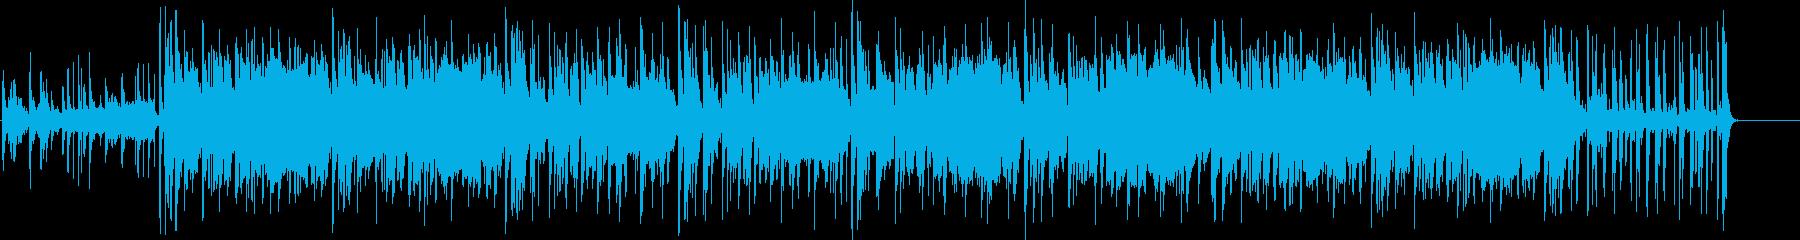 ちょい個性的なHIPHOPエレクトロの再生済みの波形